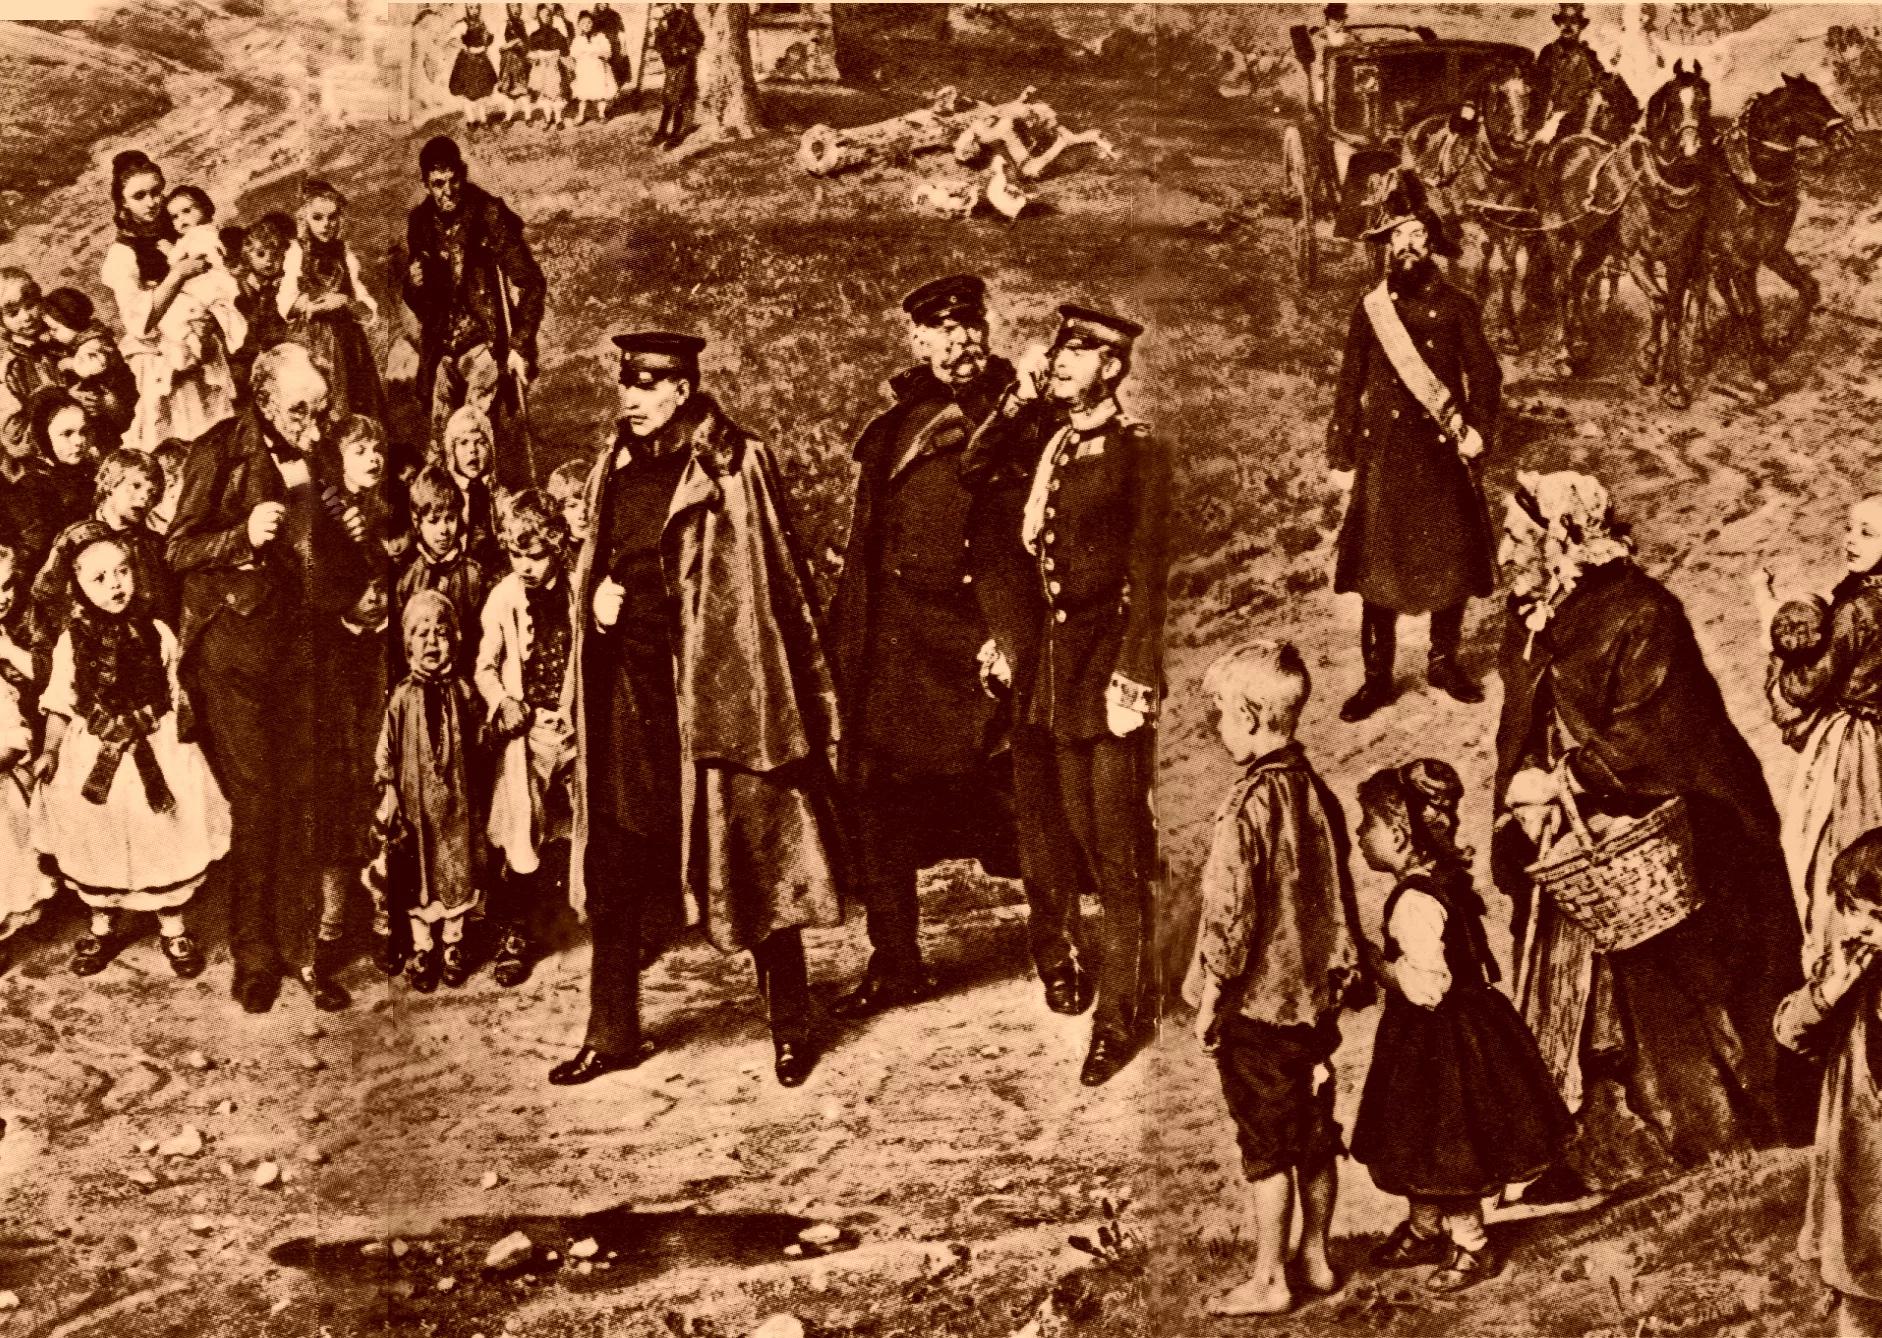 Все сословия Пруссии: в центре, понятно, юнкеры. Здесь же нашлось место горожанам и крестьянам.